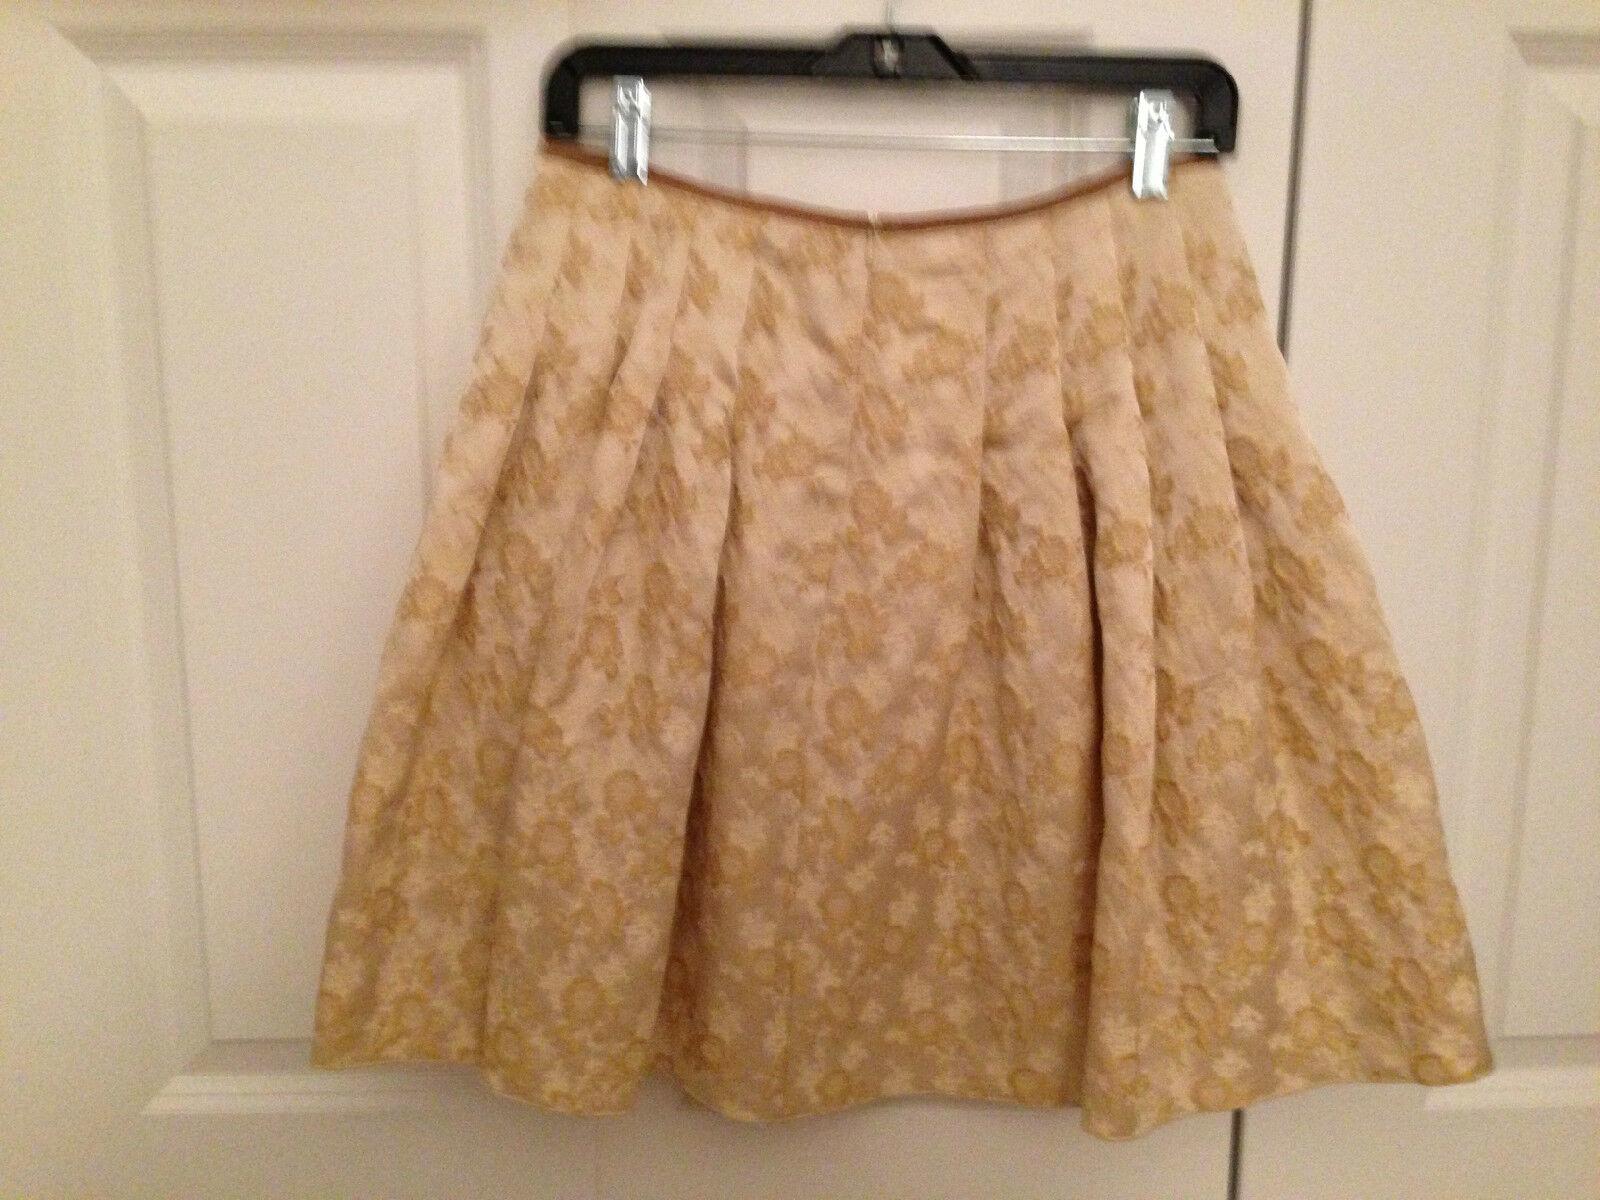 blueMARINE Anna Molinari Floral Brocade SKIRT WHITE gold Wool Silk Lurex SZ 4